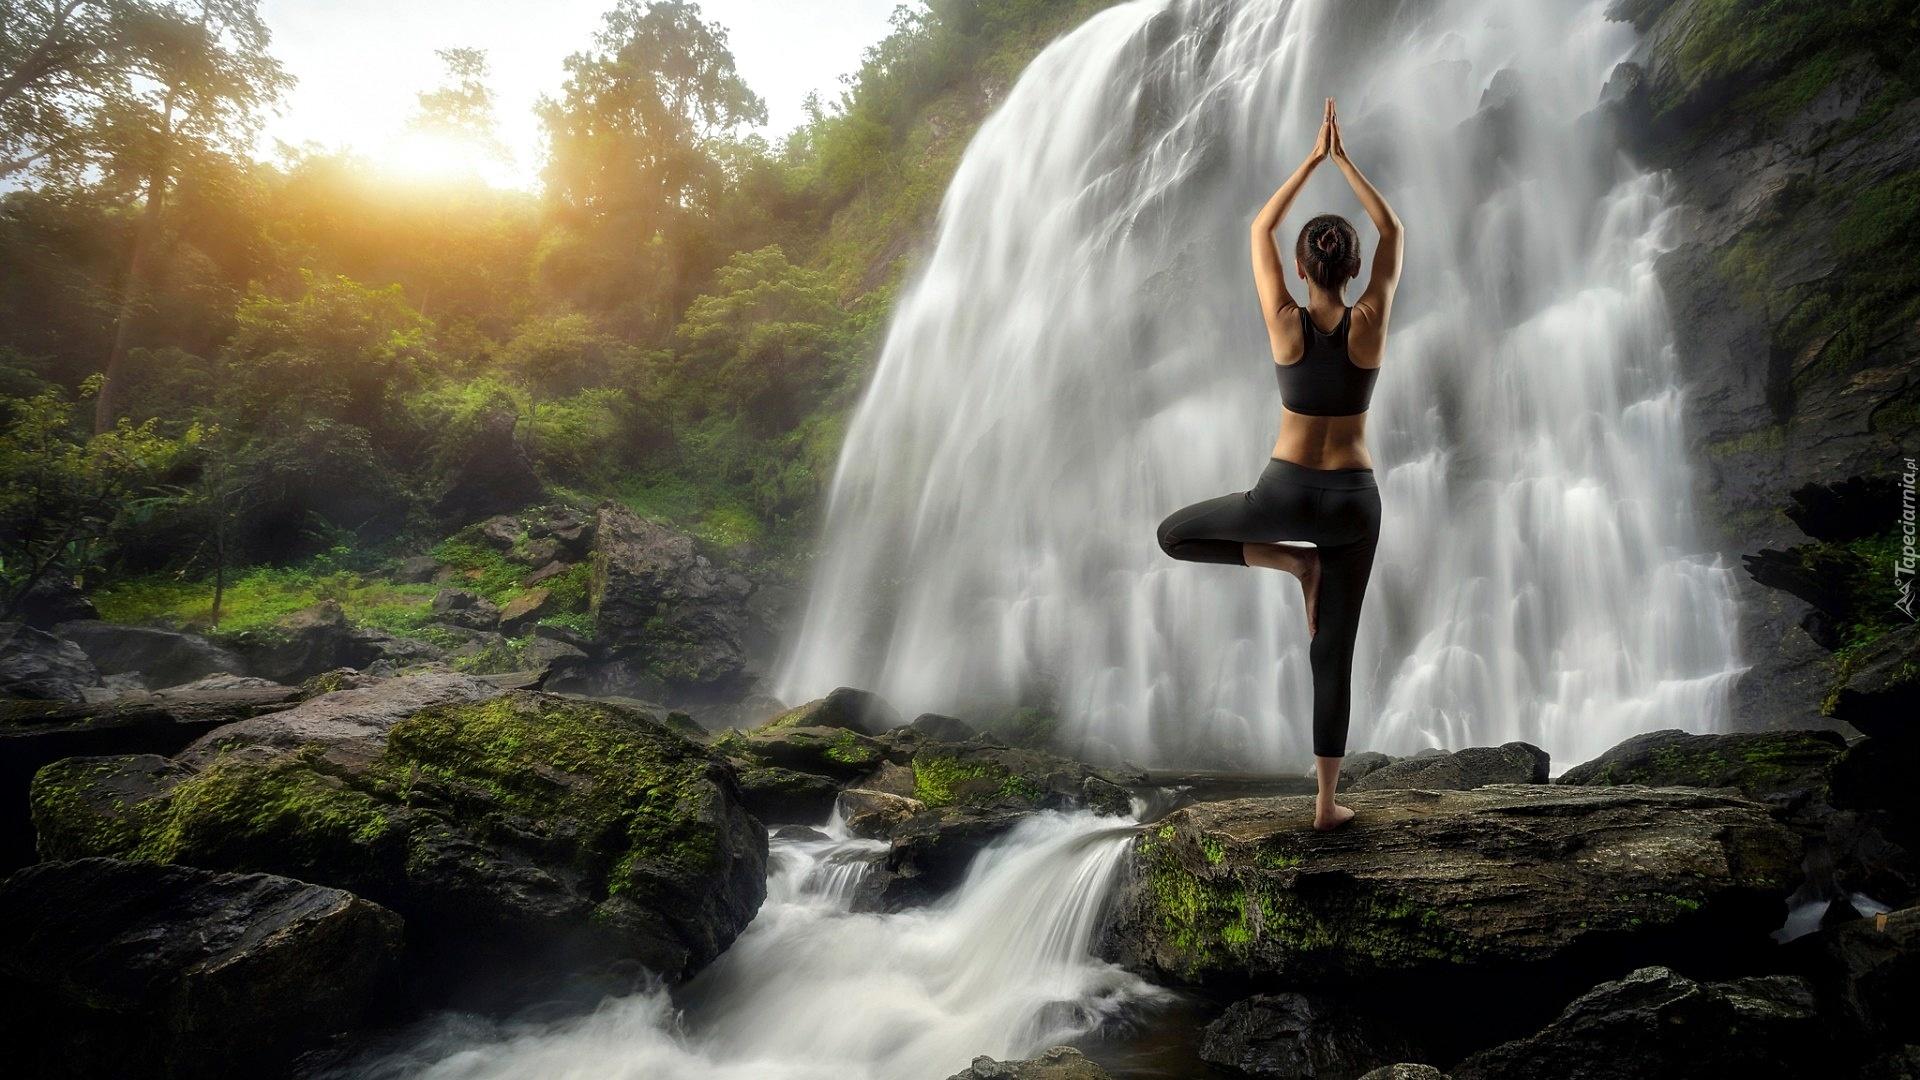 Meditation Girl Wallpaper Wodospad Kamienie Kobieta Ćwiczenia Joga